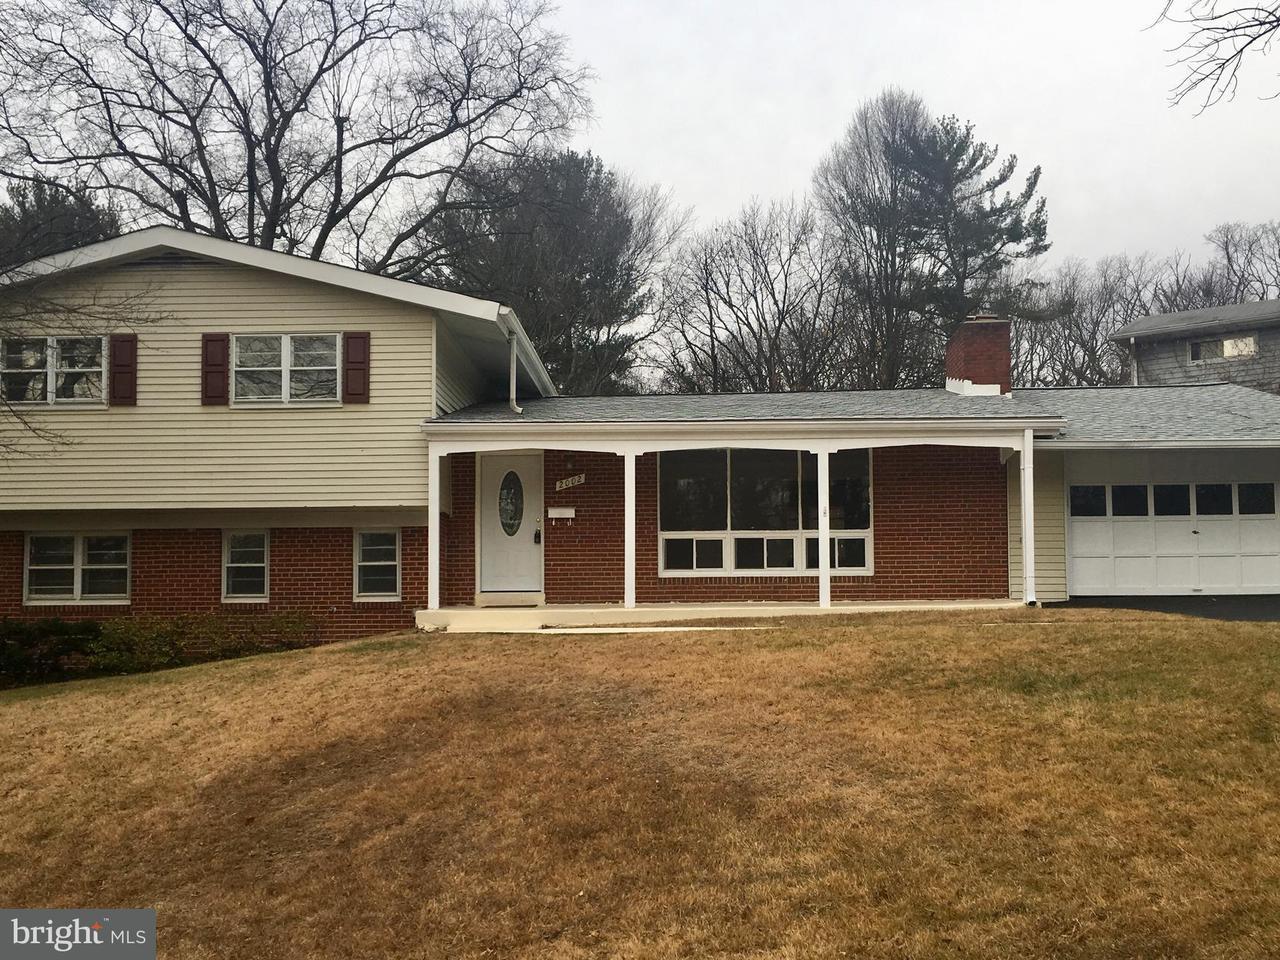 Vivienda unifamiliar por un Venta en 2002 Wooded Way 2002 Wooded Way Adelphi, Maryland 20783 Estados Unidos